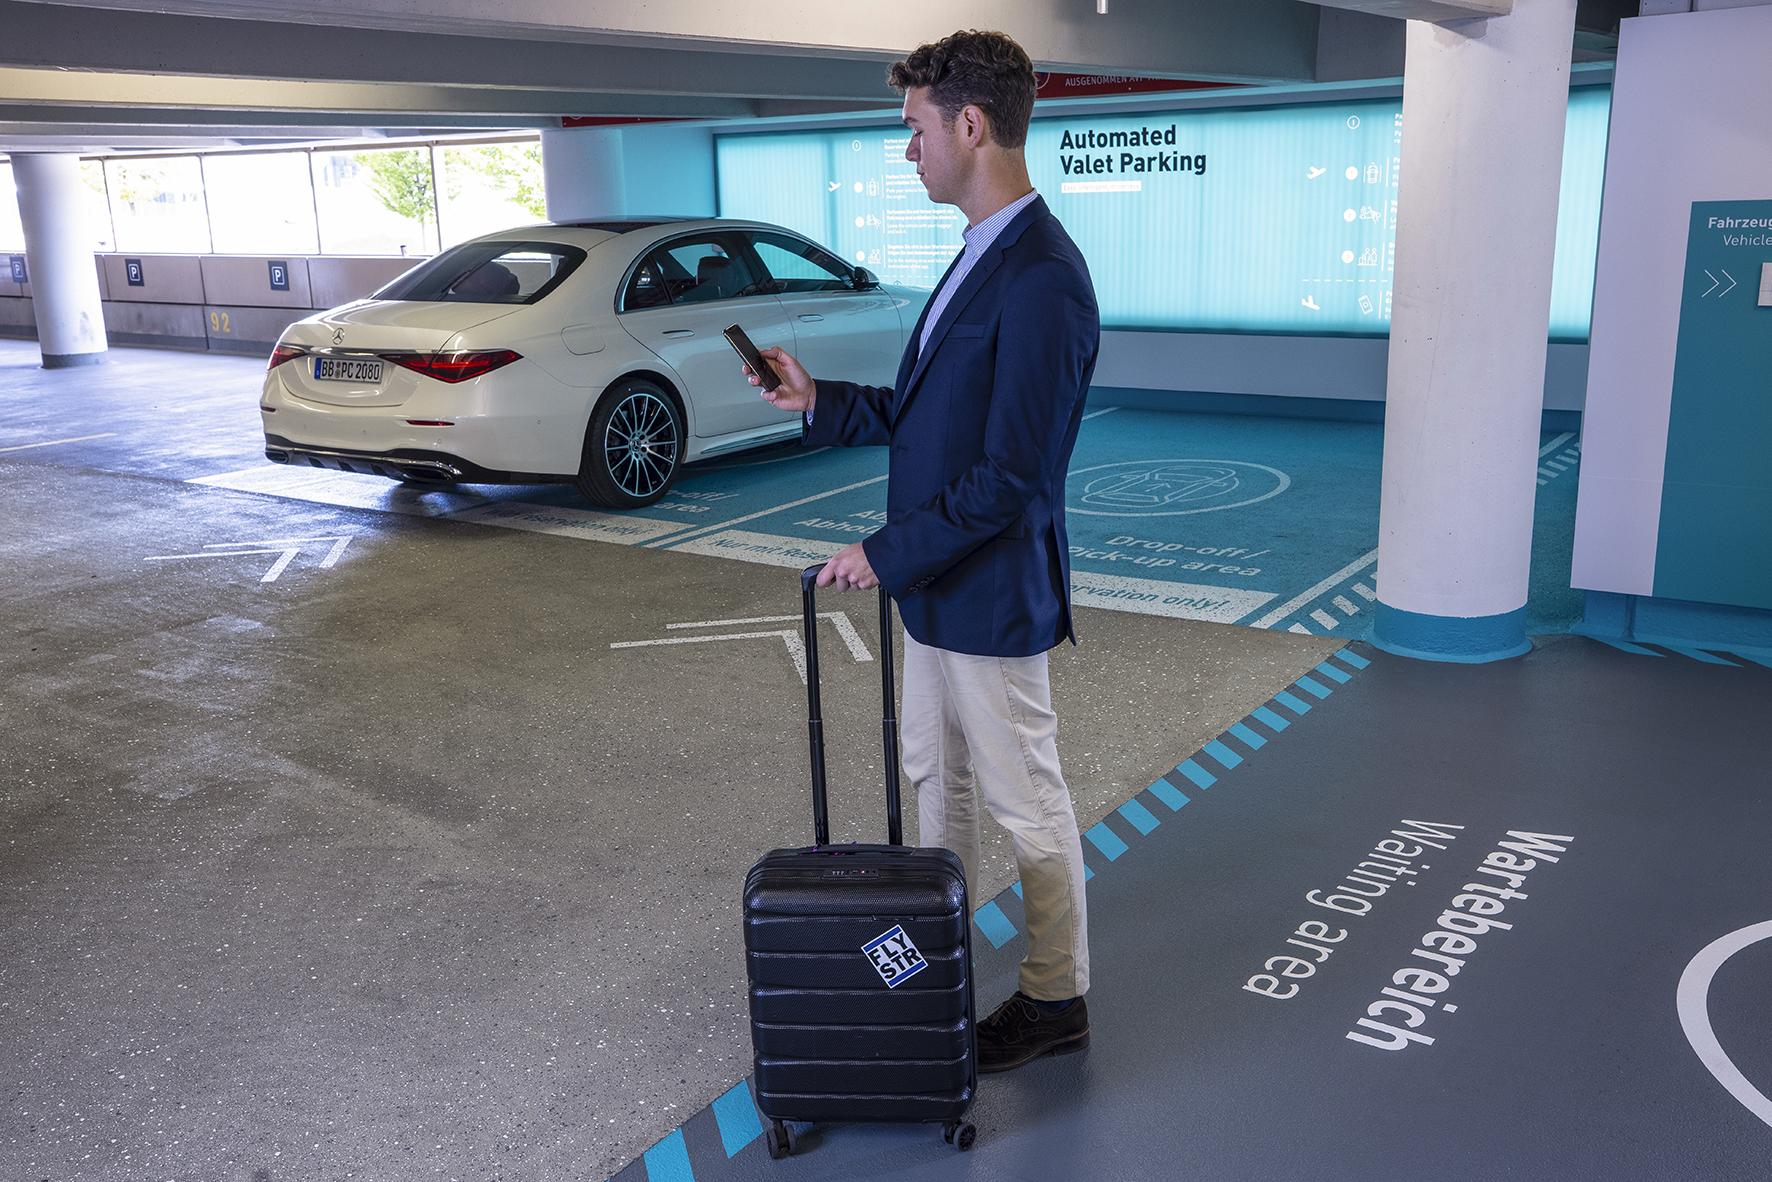 Driverless parking